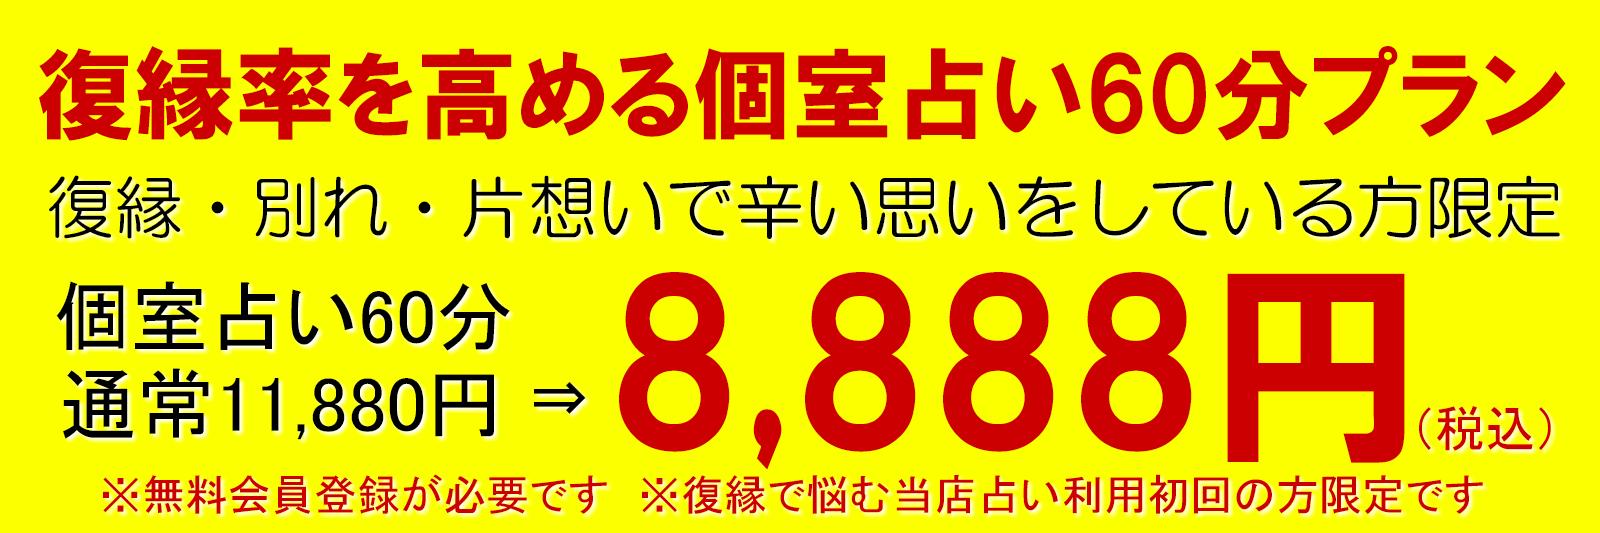 渋谷復縁占いなら復縁率を高める個室占い60分プラン【8,888円】がオススメ!復縁・別れ・片想いのお悩み限定の集中占いコースです!